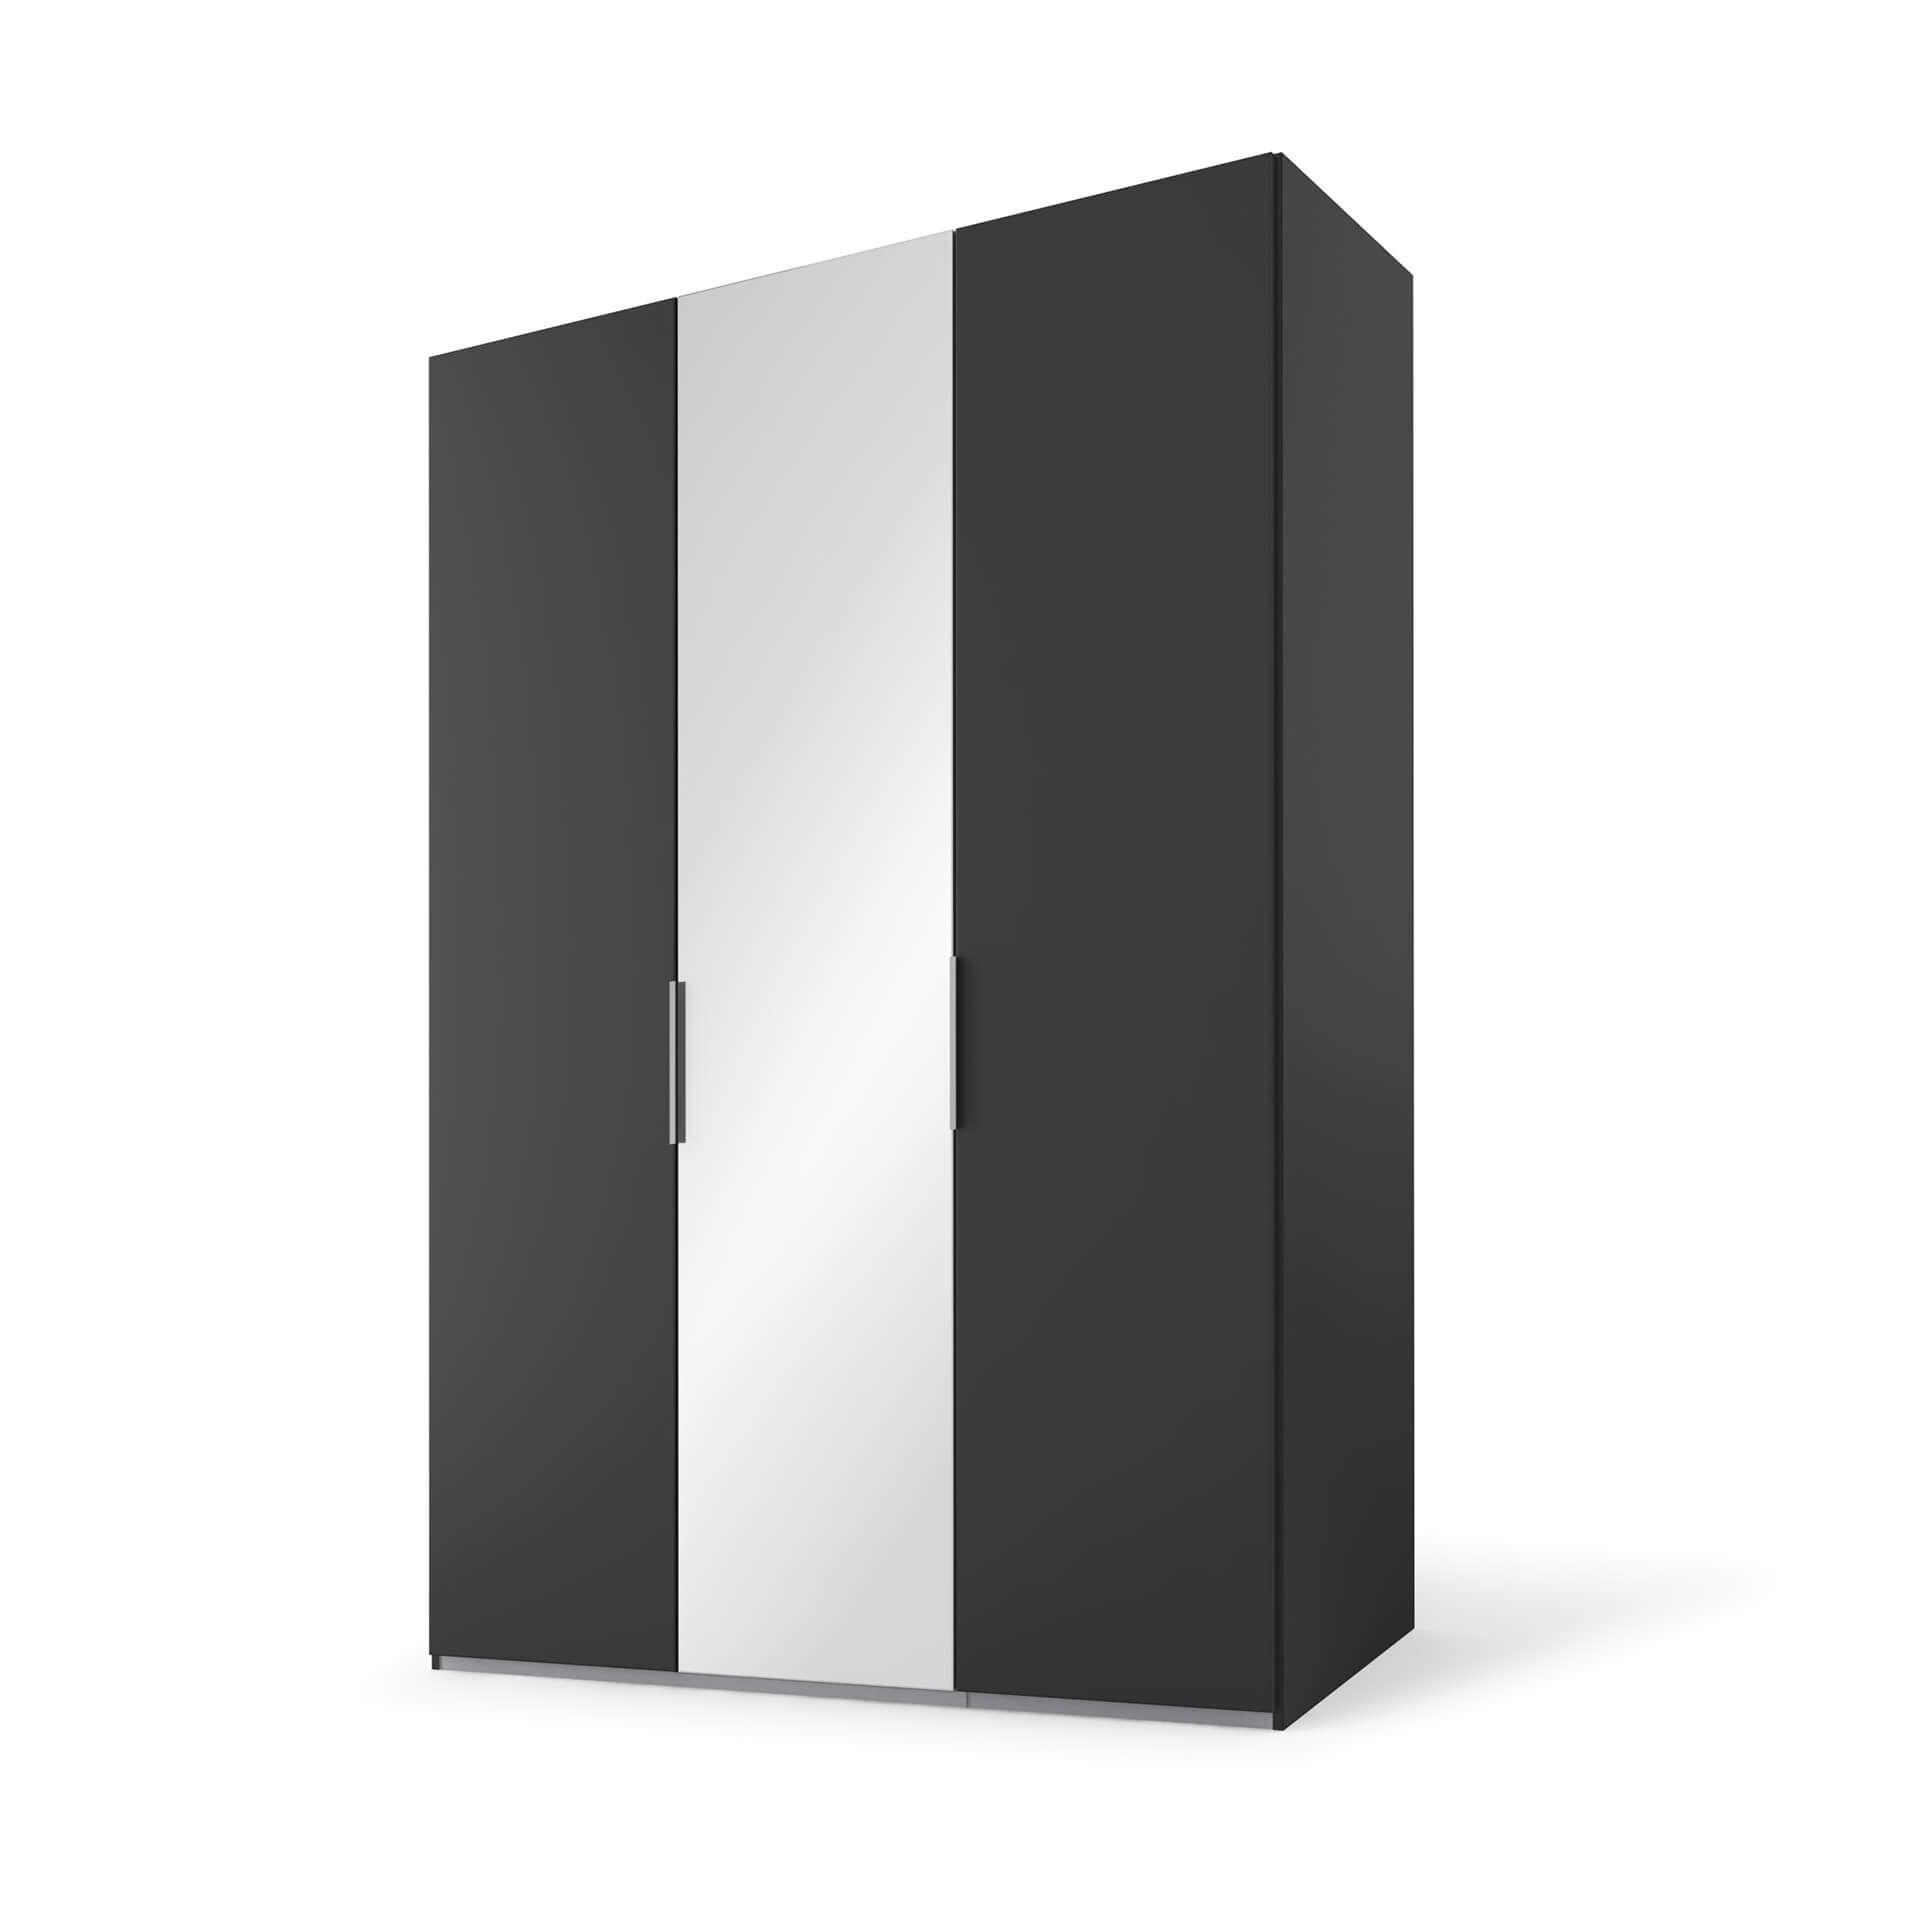 Nolte swift Draaideurkast - 3 deurs Basalt met spi